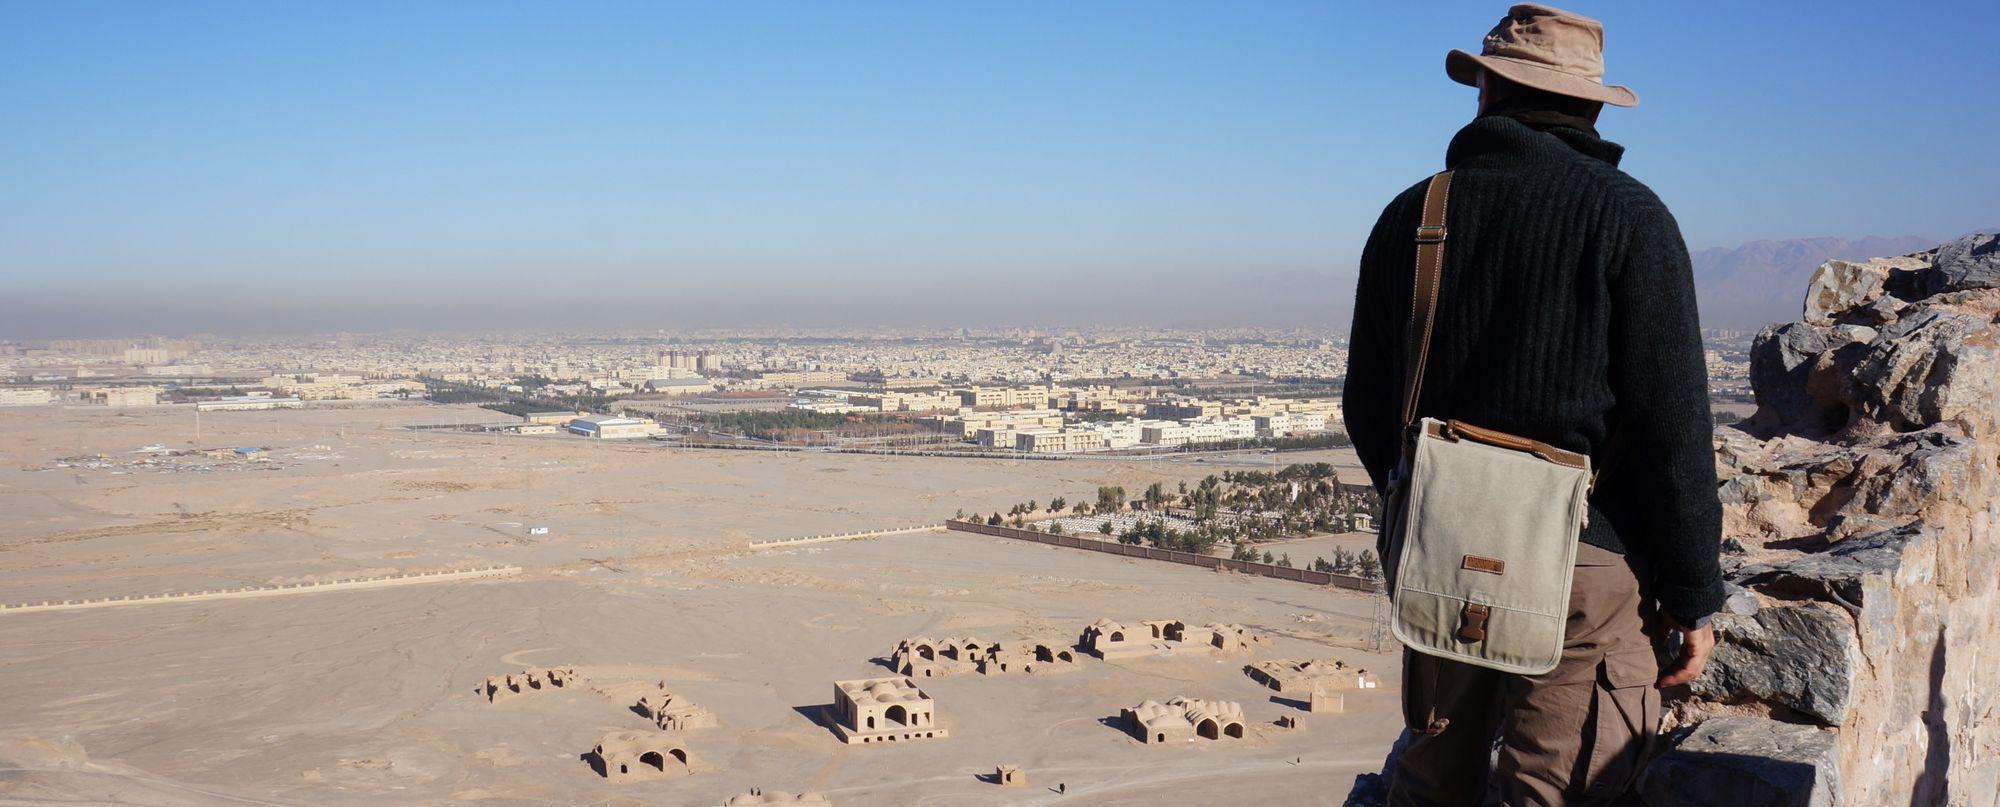 IRÁN. La Persia Clásica: Shiraz, Kermán, Yadz, Isfahán y Teherán